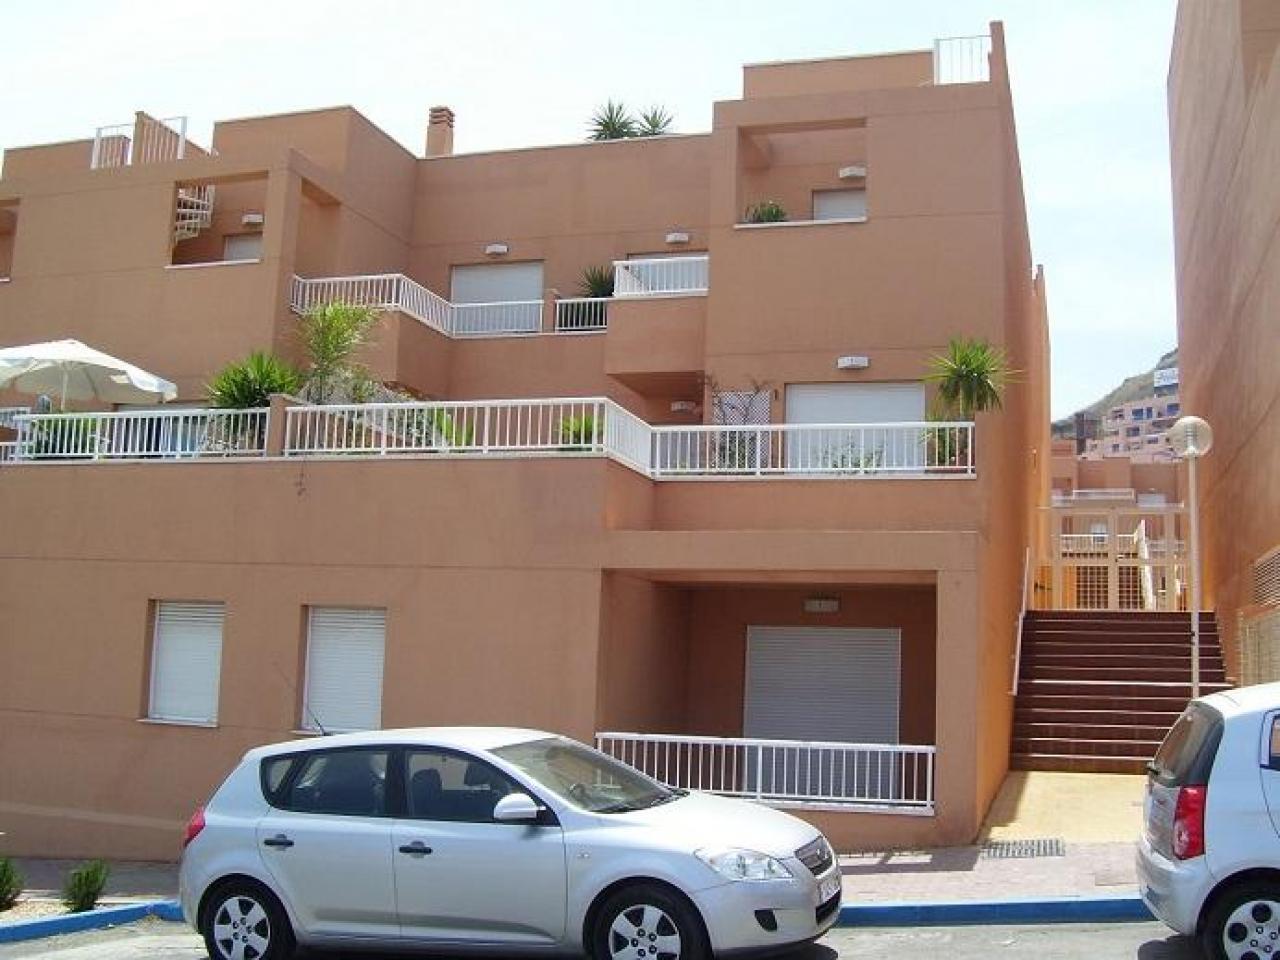 Alquiler de apartamentos Mojácar, Almería